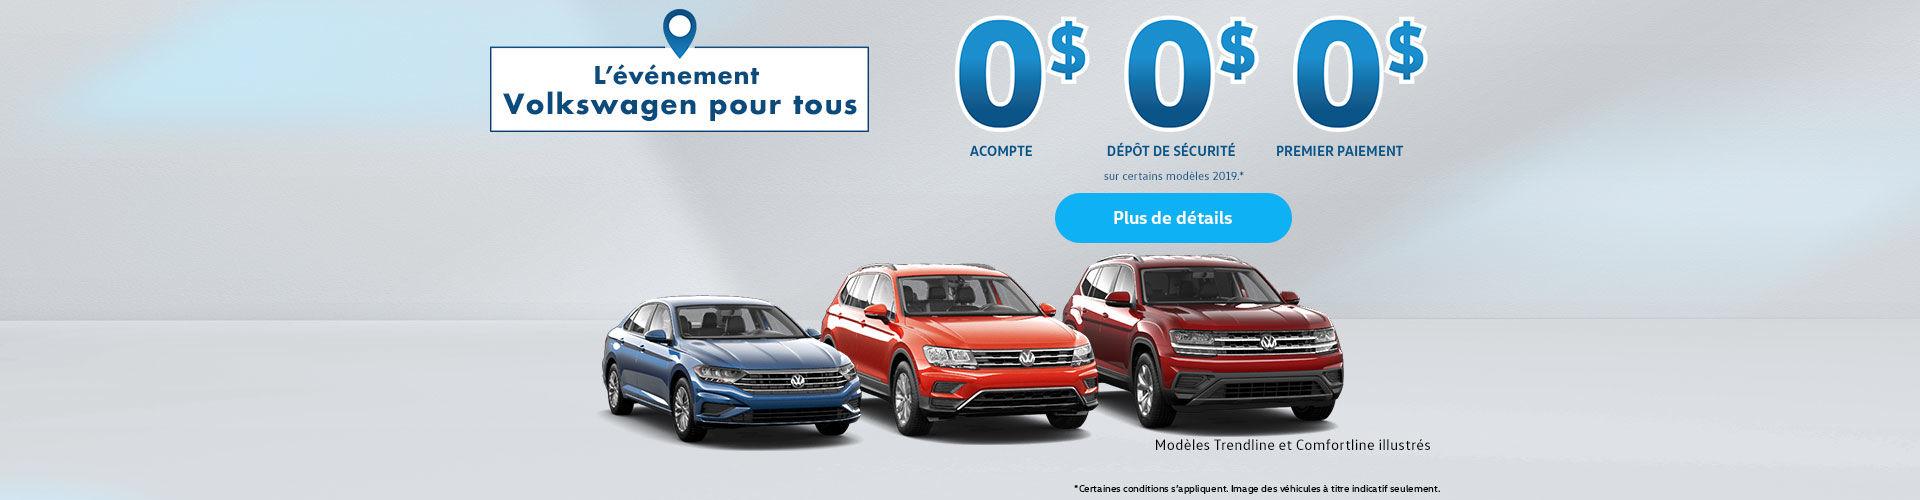 Événement Volkswagen pour tous